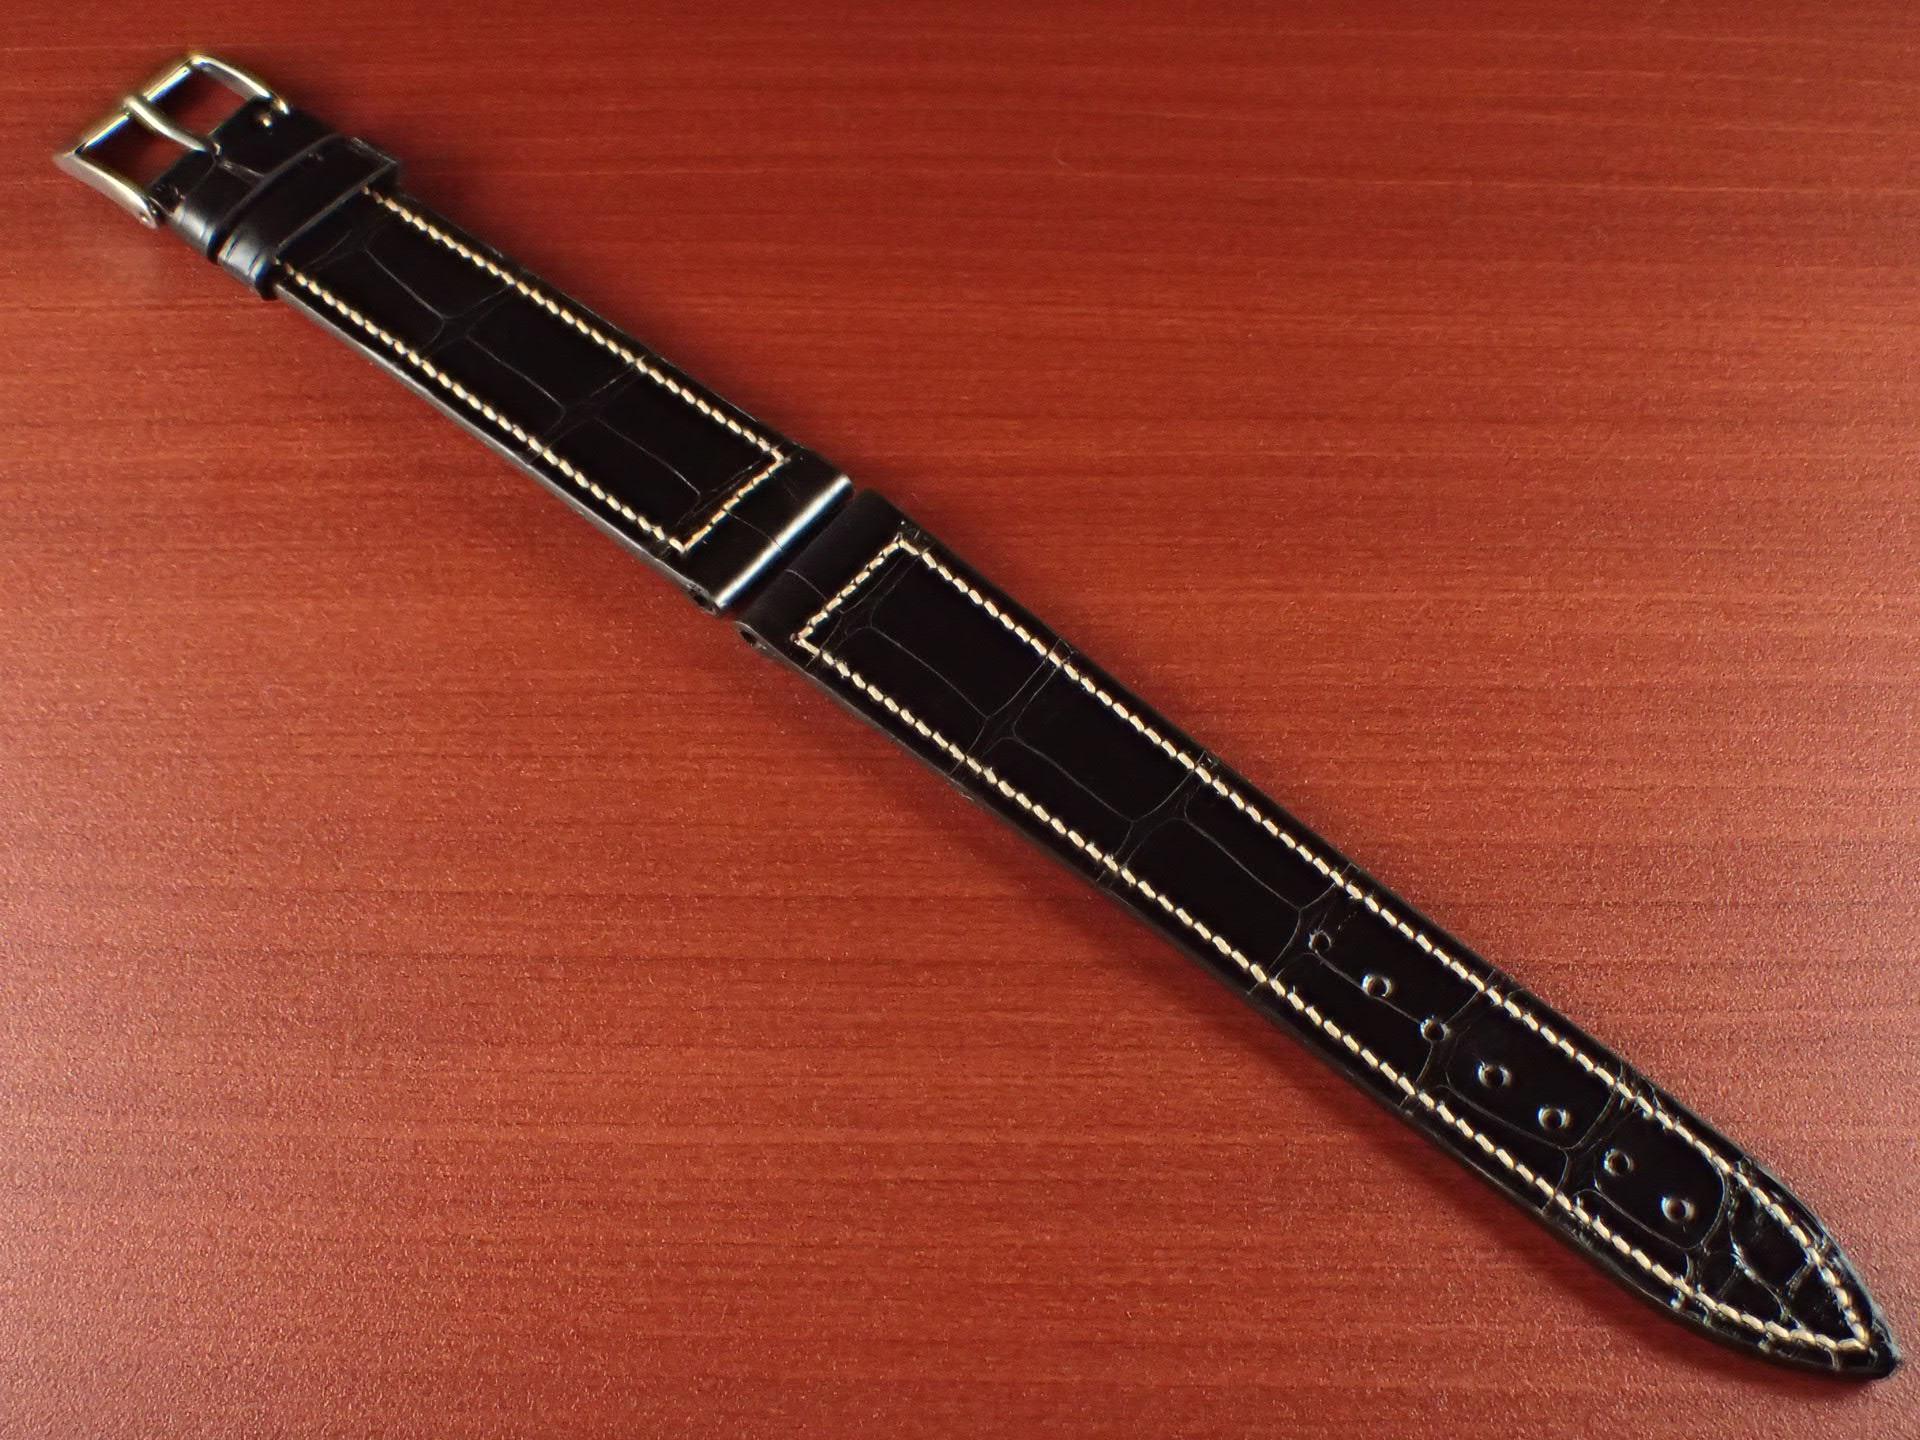 ジャン・クロード ペラン革ベルト クロコダイル チョコレート(シャイニー) 18mmのメイン写真